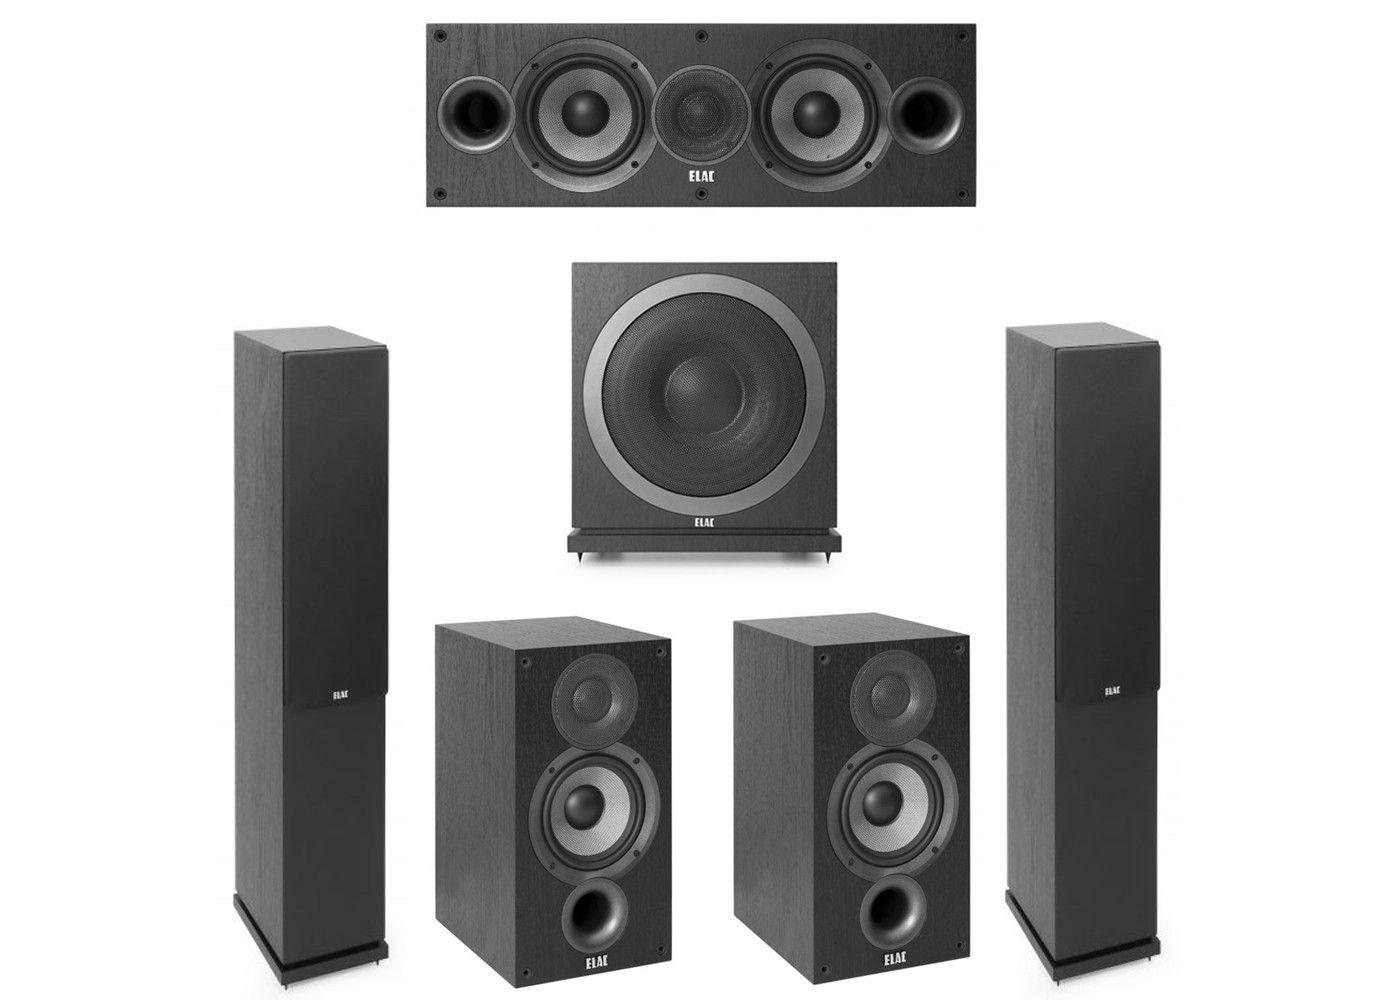 Elac 51 System With 2 F52 Floorstanding Speakers 1 C52 Center Speaker B52 Bookshelf